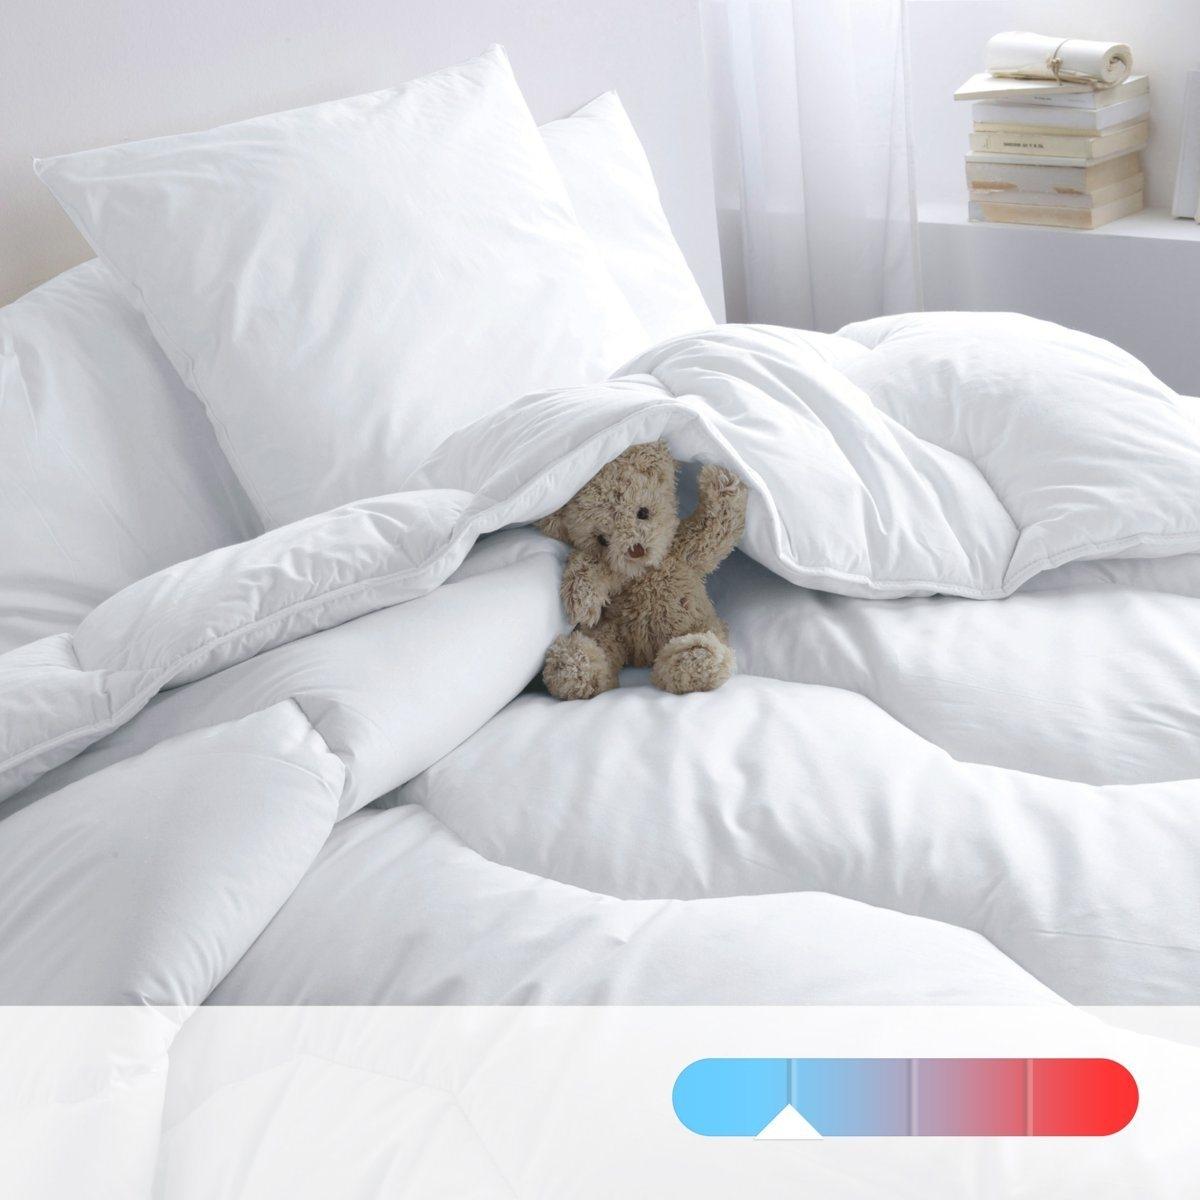 Одеяло синтетическое для летнего периодаОдеяло высокого качества для летнего периода от Redoute (175 г/м?) гарантирует мягкость и комфорт. Идеально при температуре воздуха в комнате от 22° и выше .     Наполнитель : 100% полиэстер supraloft, полые волокна с силиконовым покрытием обеспечивают мягкость и пышность.          Верх: 100% хлопок.          Отделка : Прострочка шестиугольниками.Отделка кантом, укрепленная двойная прострочка.          Уход: : стирка при 40° . Возможна барабанная сушка на умеренном режиме      .          Продается в сумке-чехле<br><br>Цвет: белый<br>Размер: 75 x 120  см